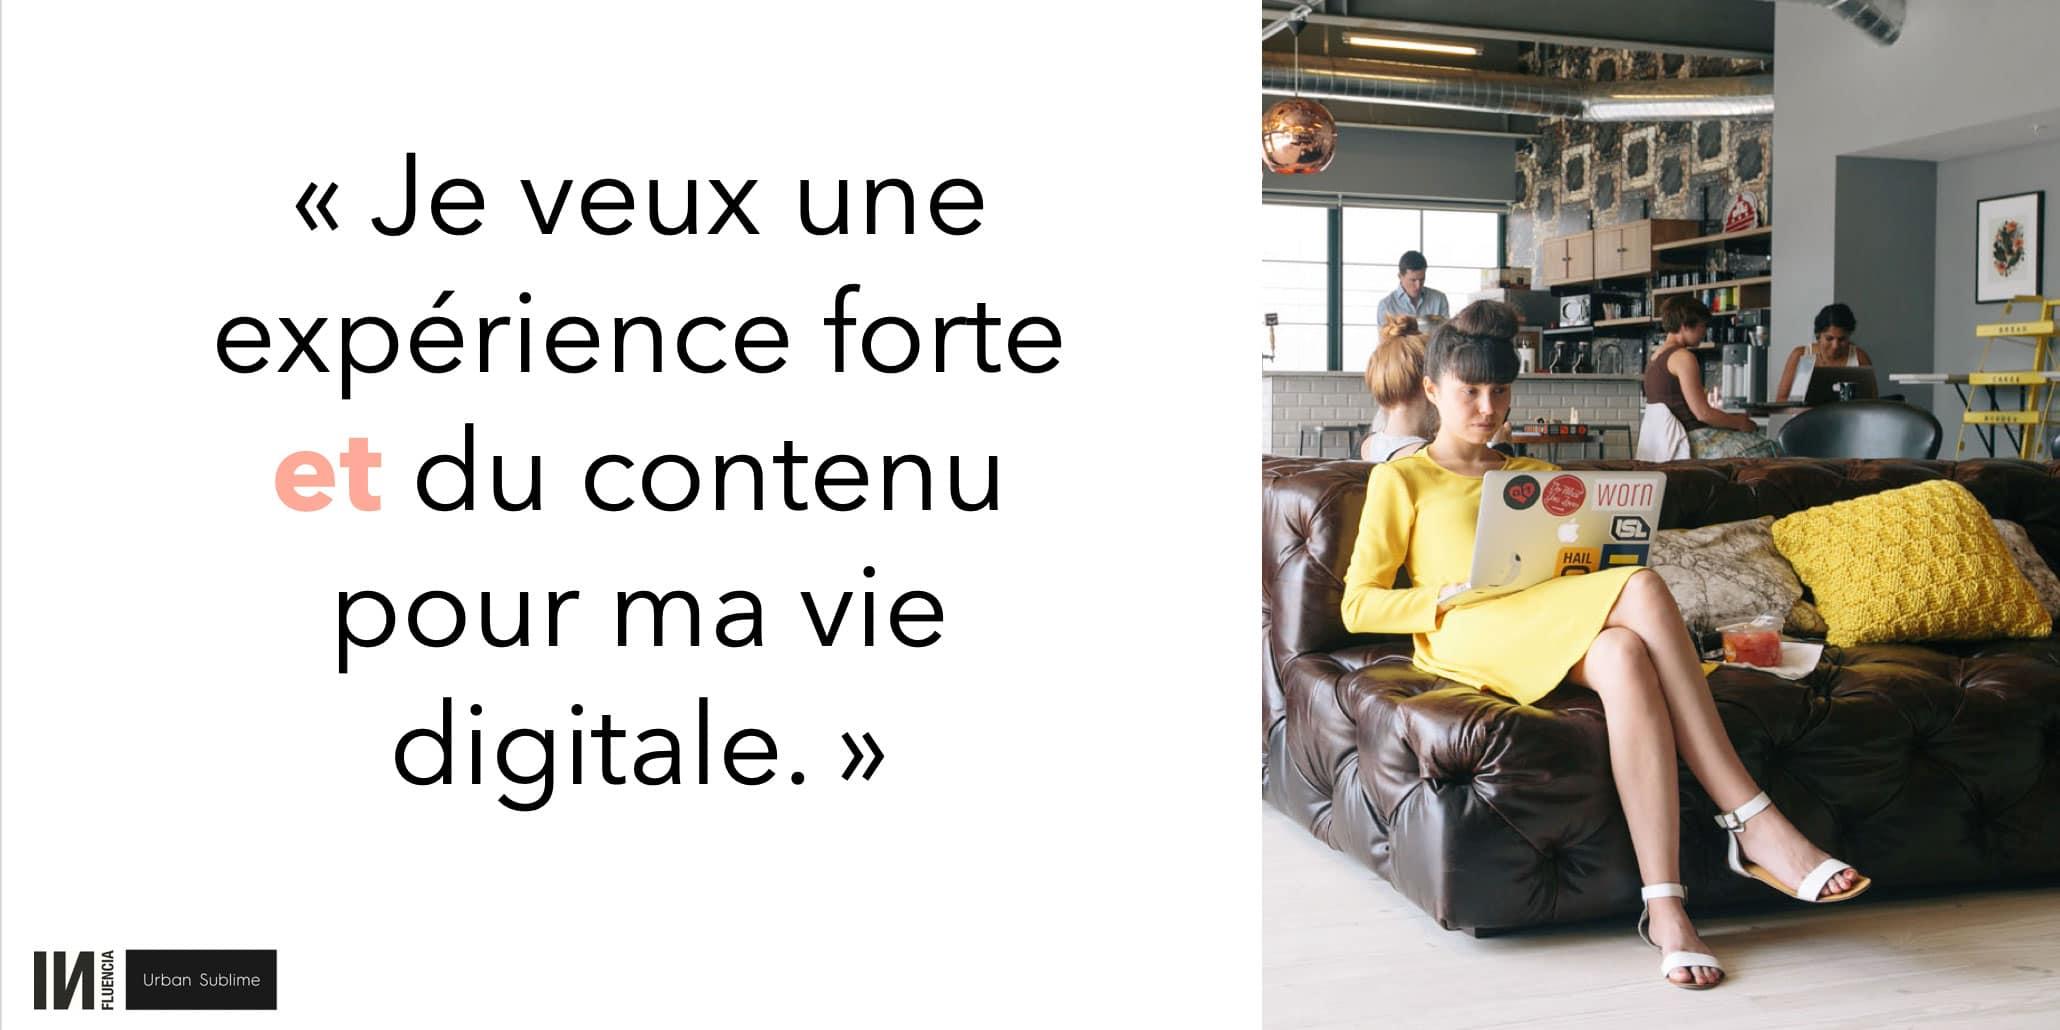 Je veux une expérience forte et du contenu pour ma vie digitale